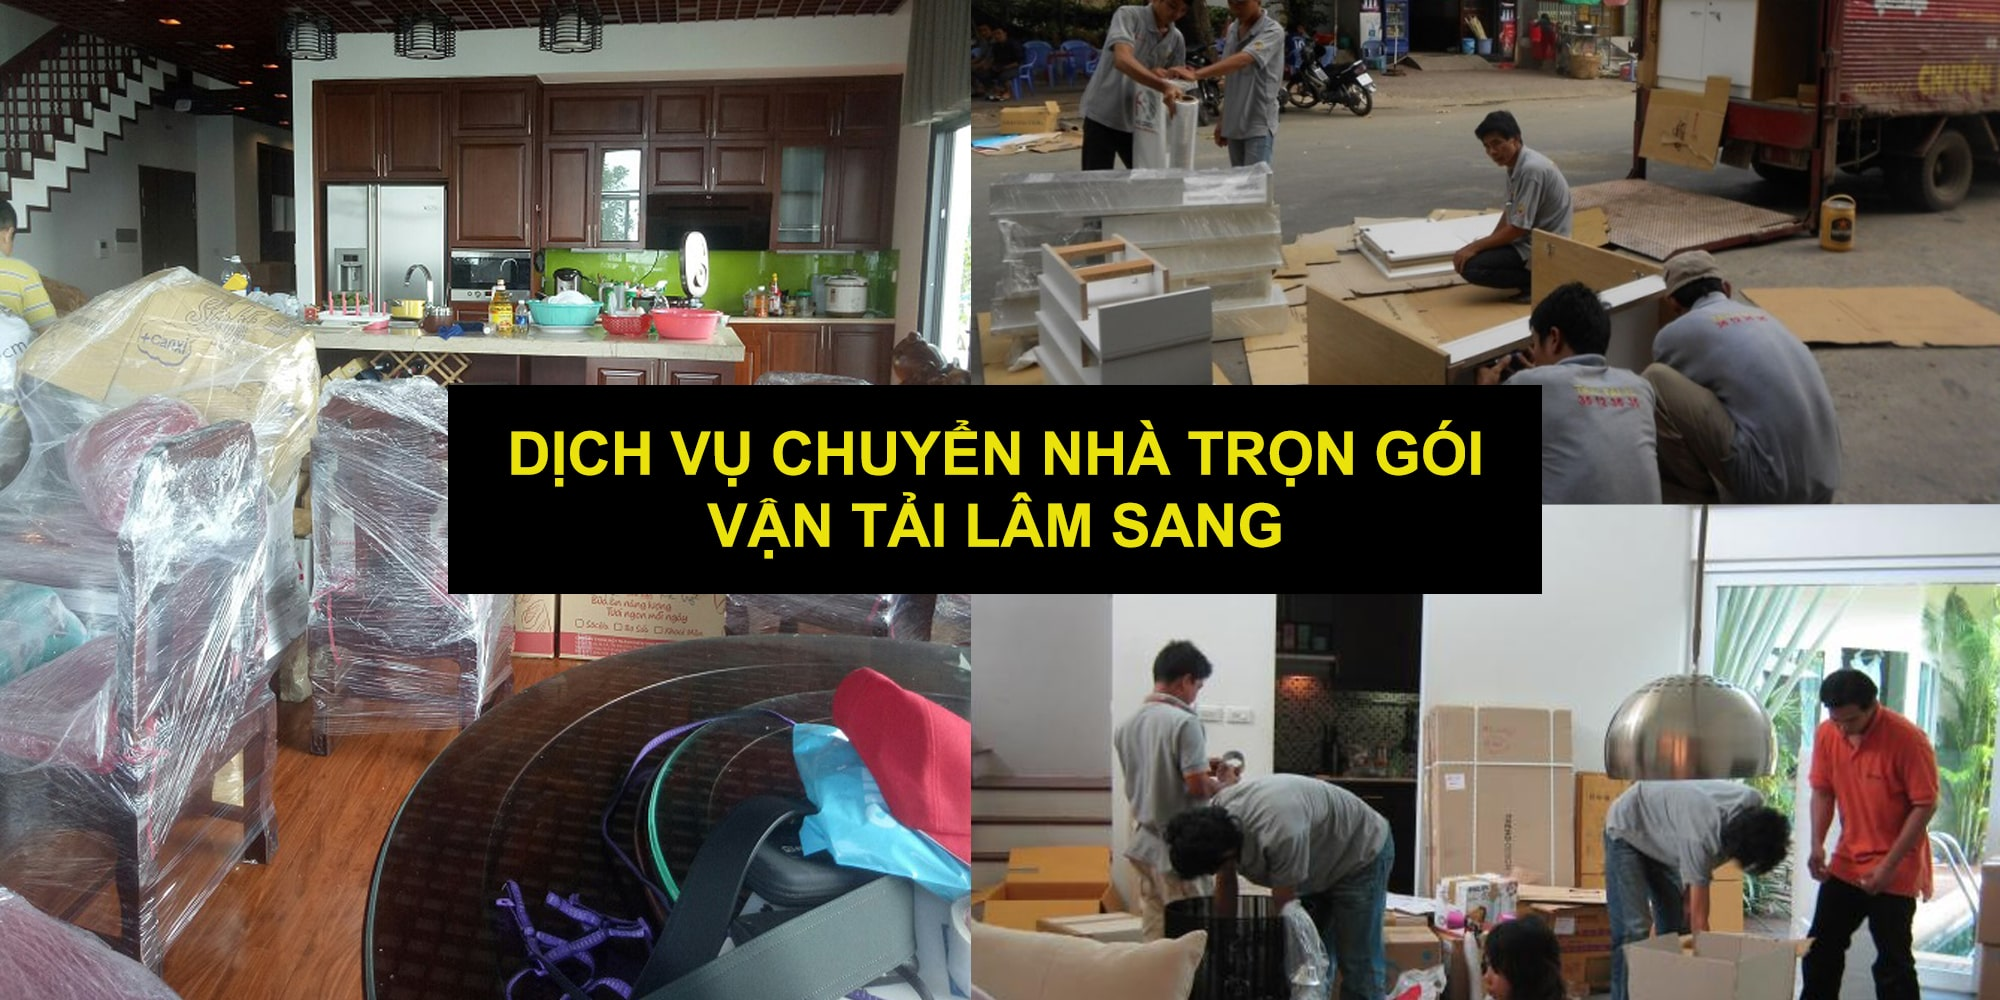 Dịch vụ chuyển nhà trọn gói Lâm Sang tại TPHCM